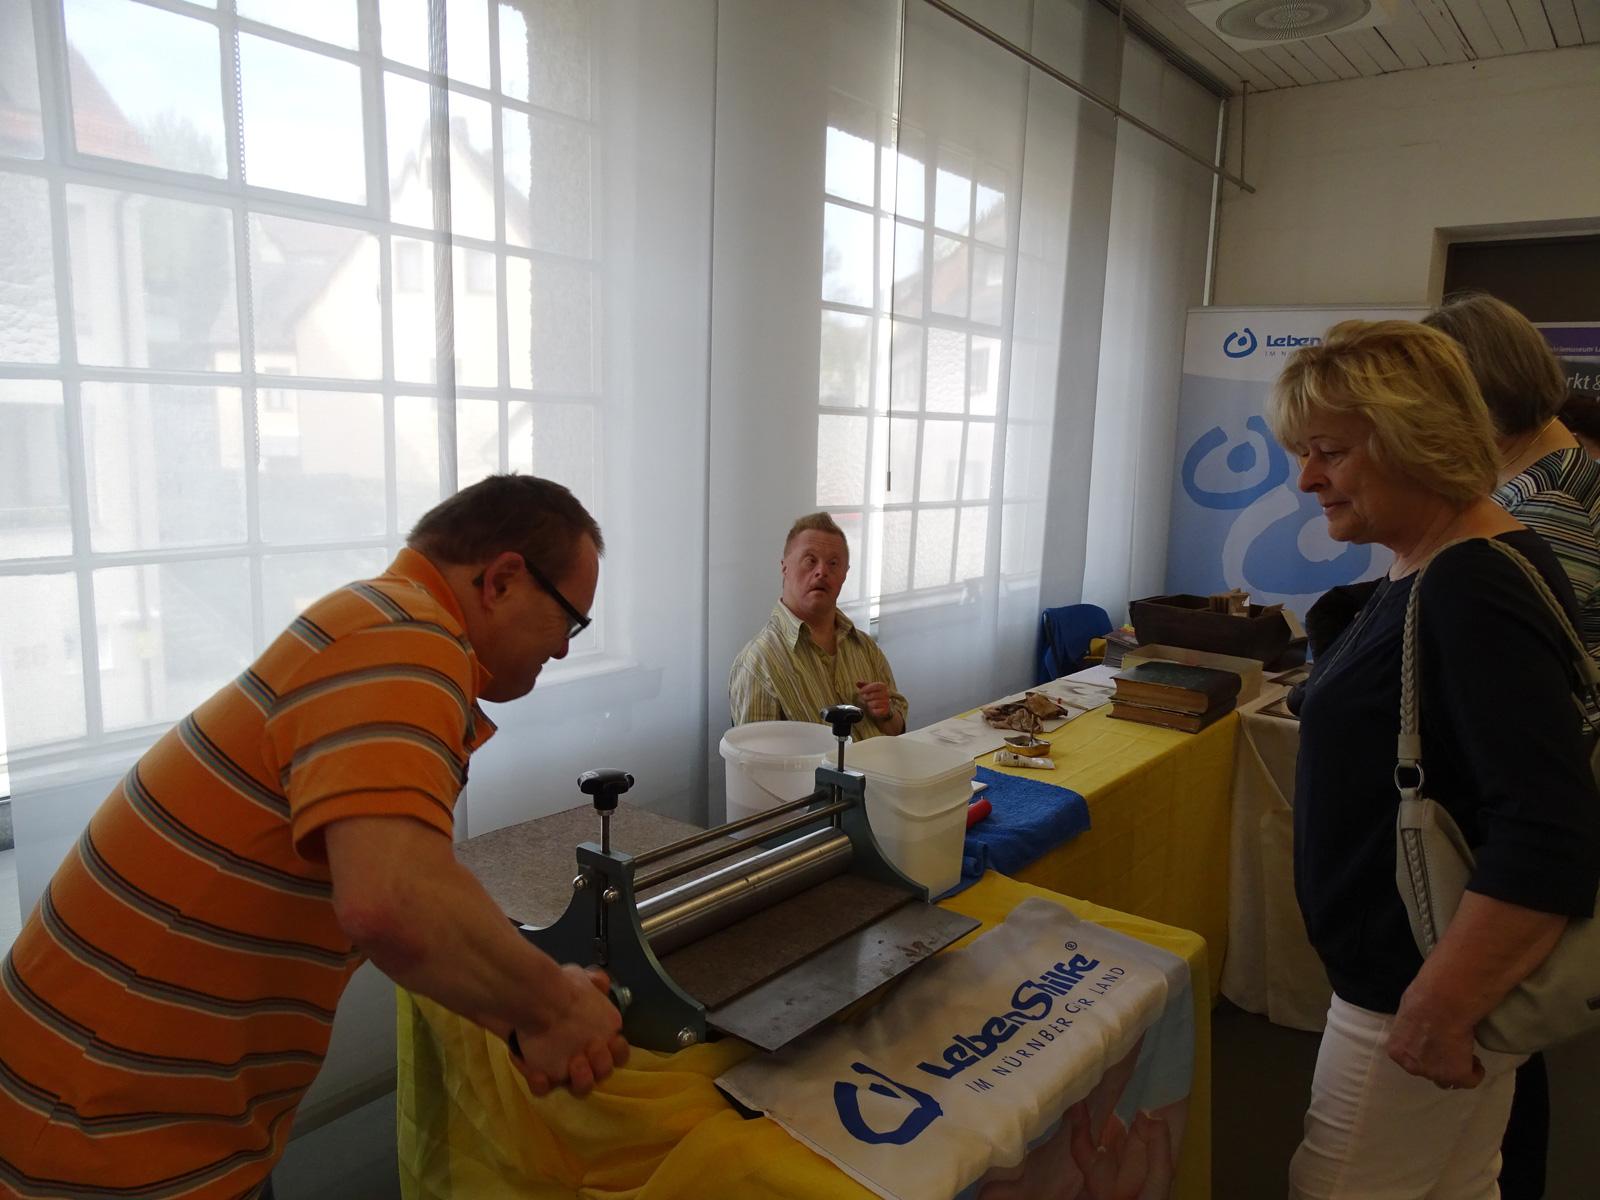 Druckplattenschwärzen, Papierpressen ... Andreas Beck zeigt, wie anstrengend das Druckhandwerk einst war.